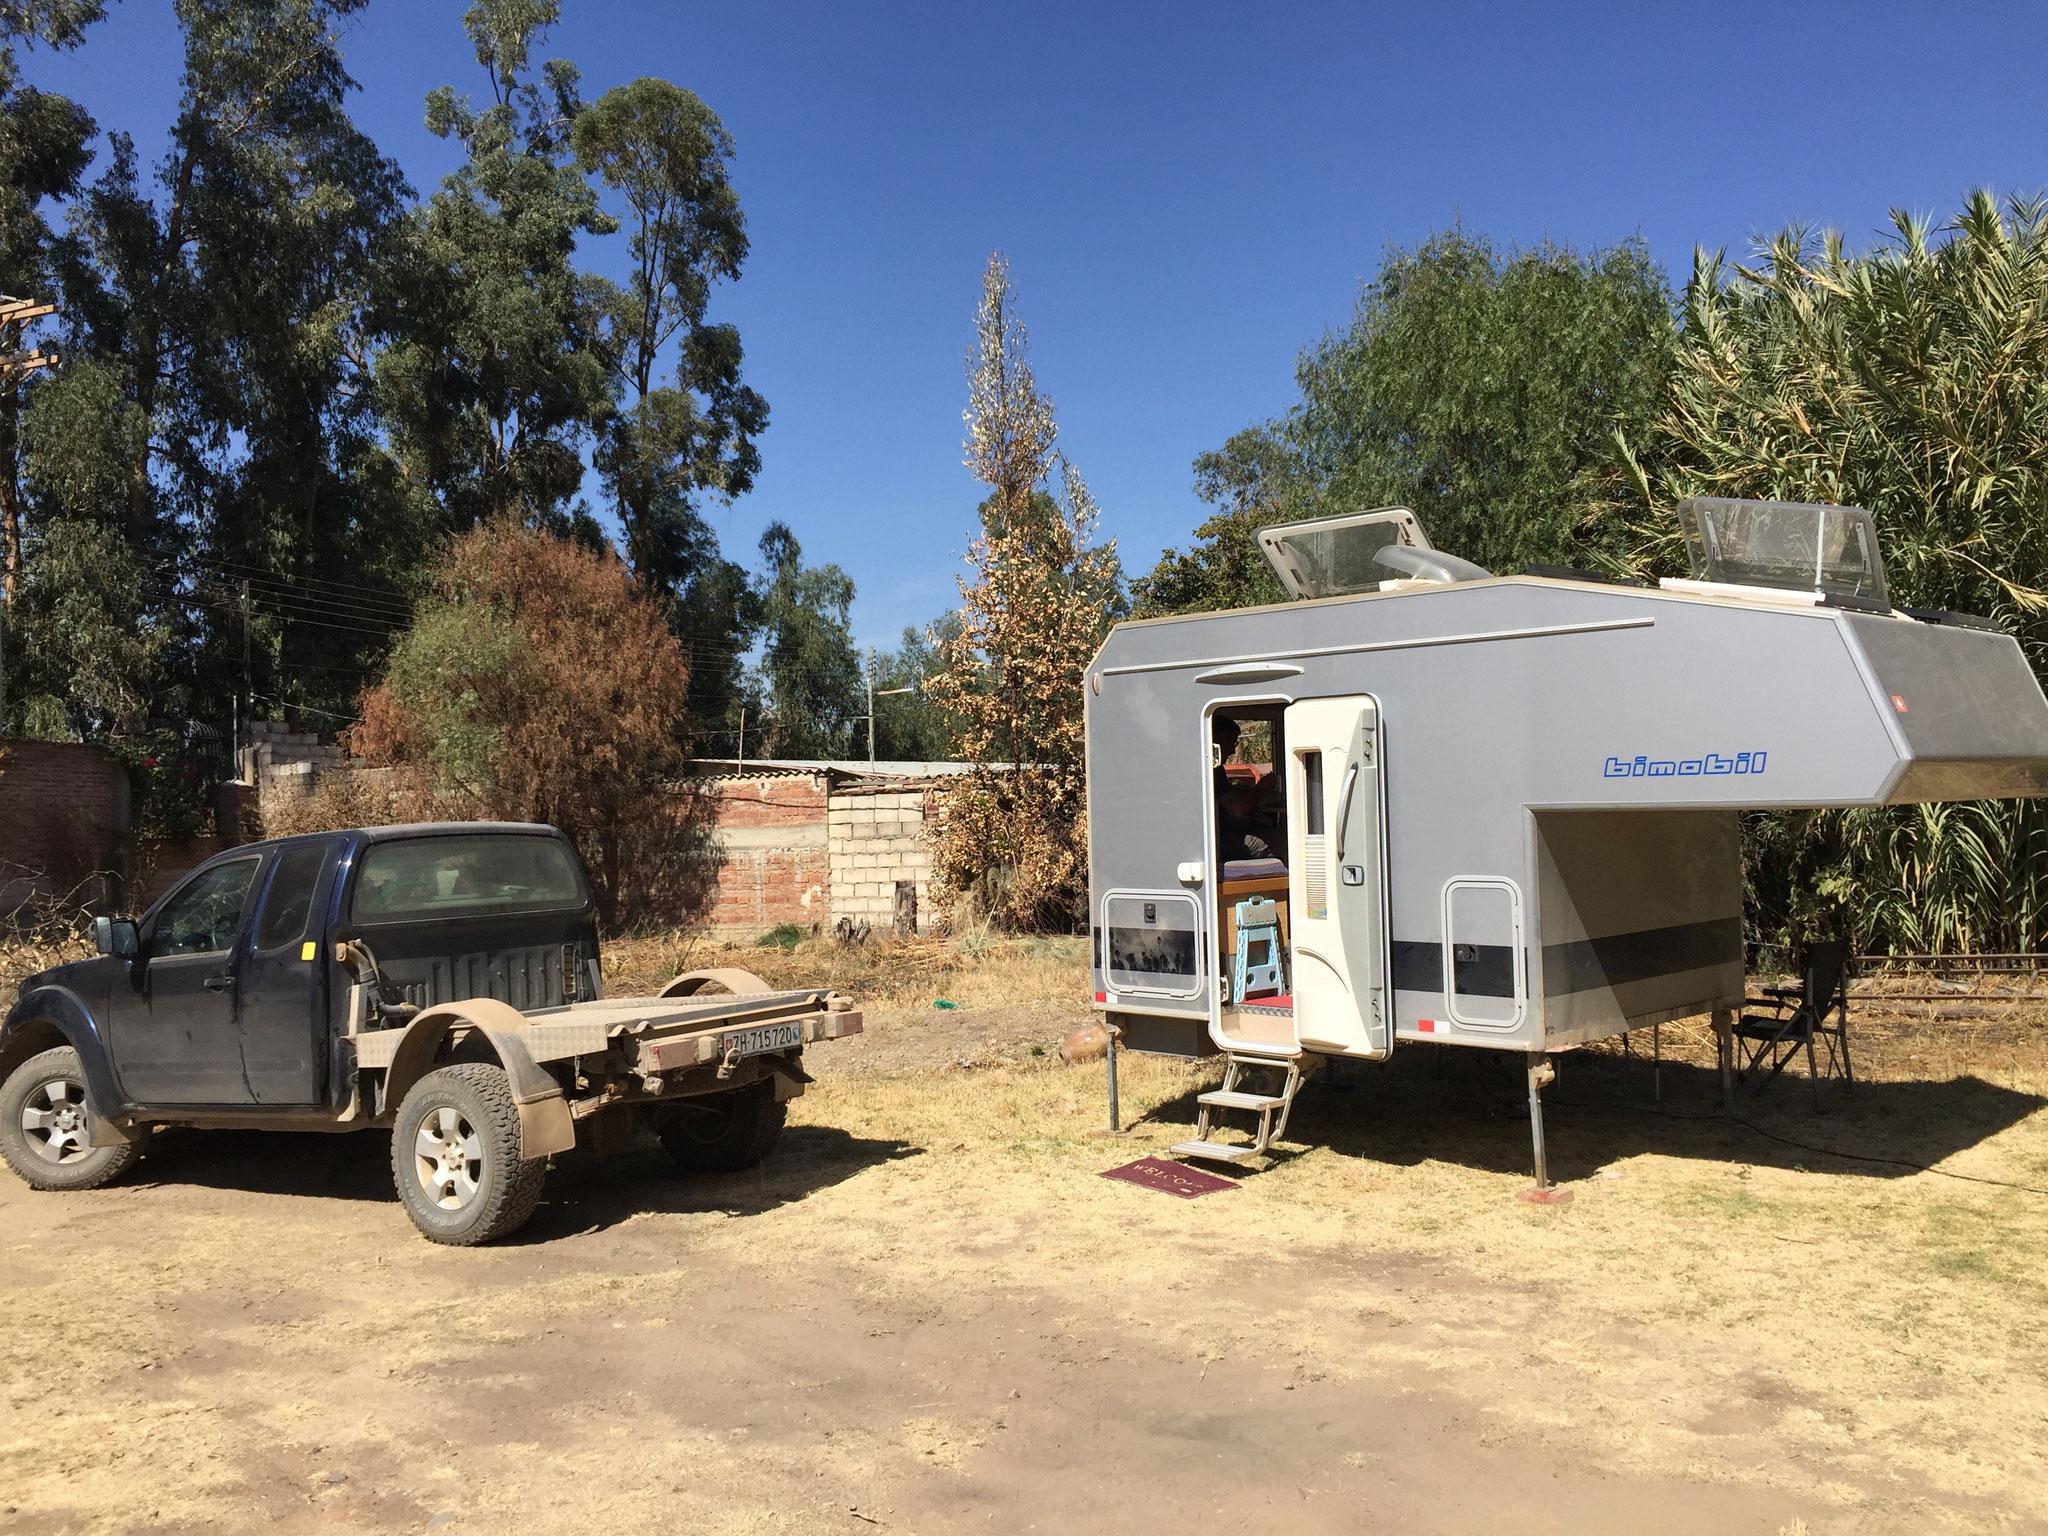 Camping auf Cochabamba